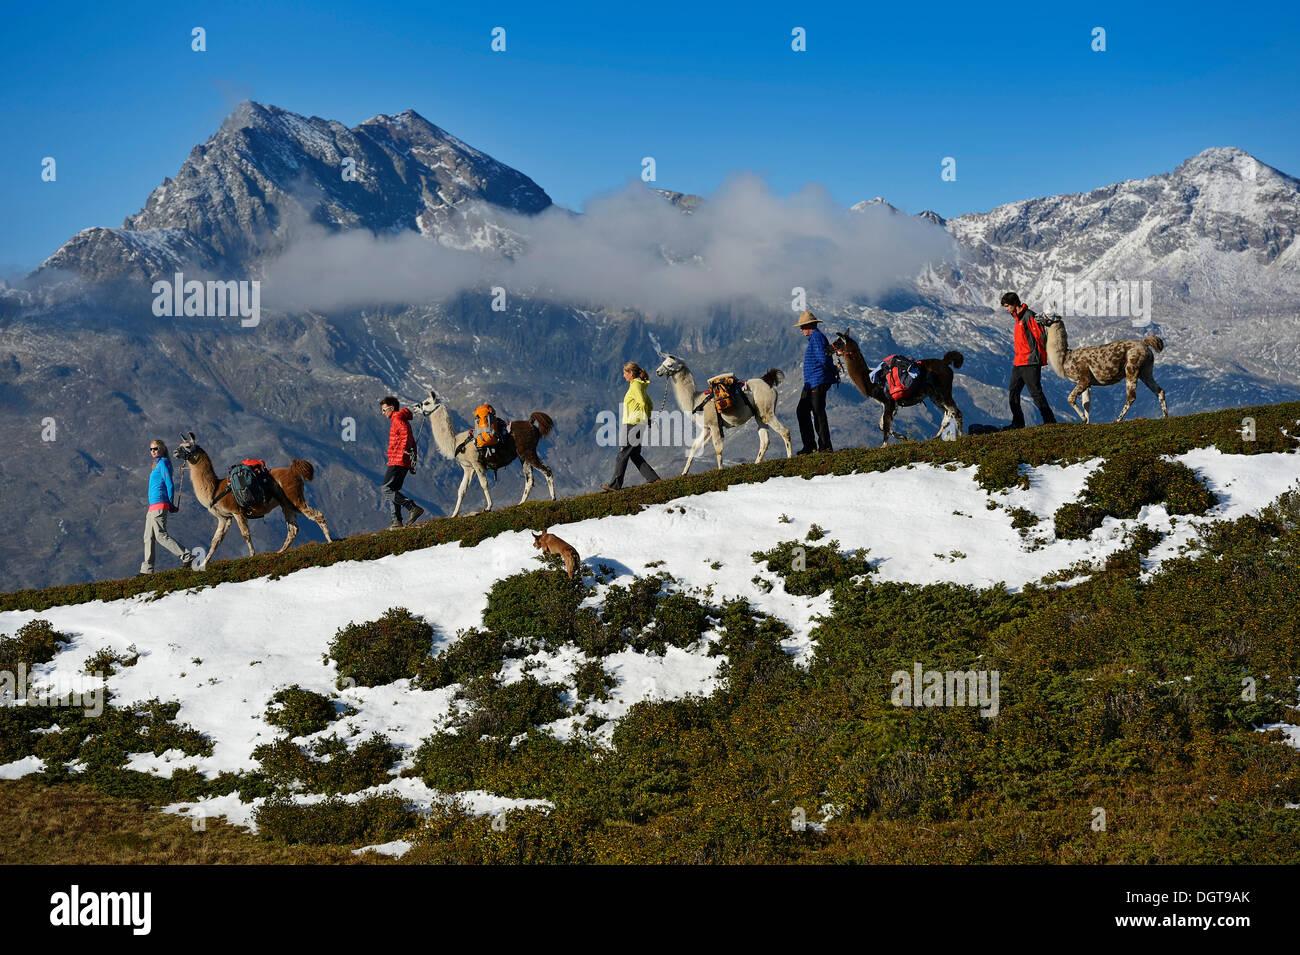 Lama-Tour auf den Gipfel des Berges Boeses Weibele in Defregger Gruppe, Karnischen Dolomiten, obere Lienz Pustertal Stockbild